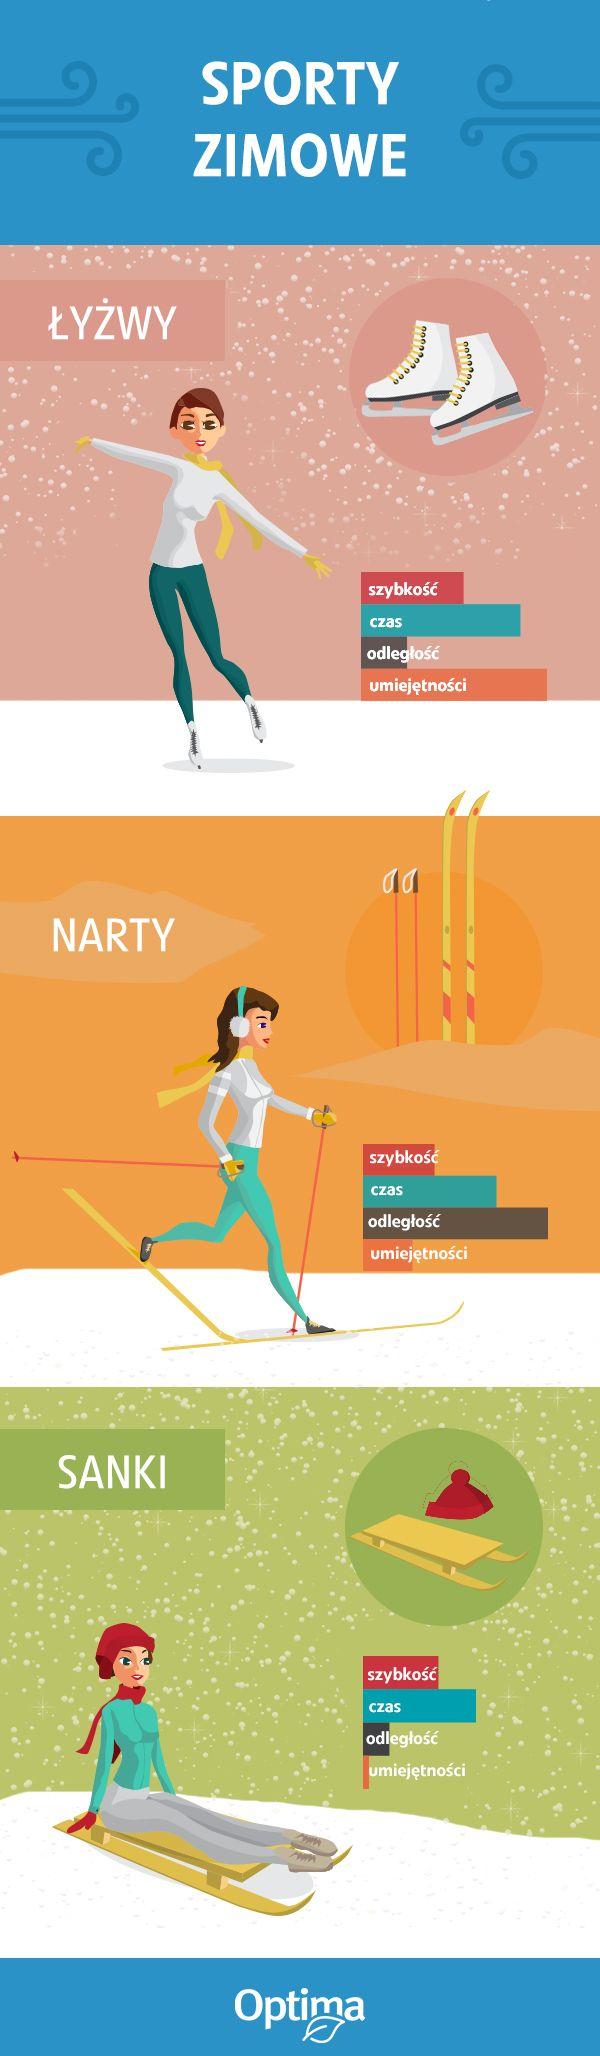 Jaki jest Wasz ulubiony sport zimowy? Zdrowe inspiracje znajdziesz na stronie optymalnewybory.pl